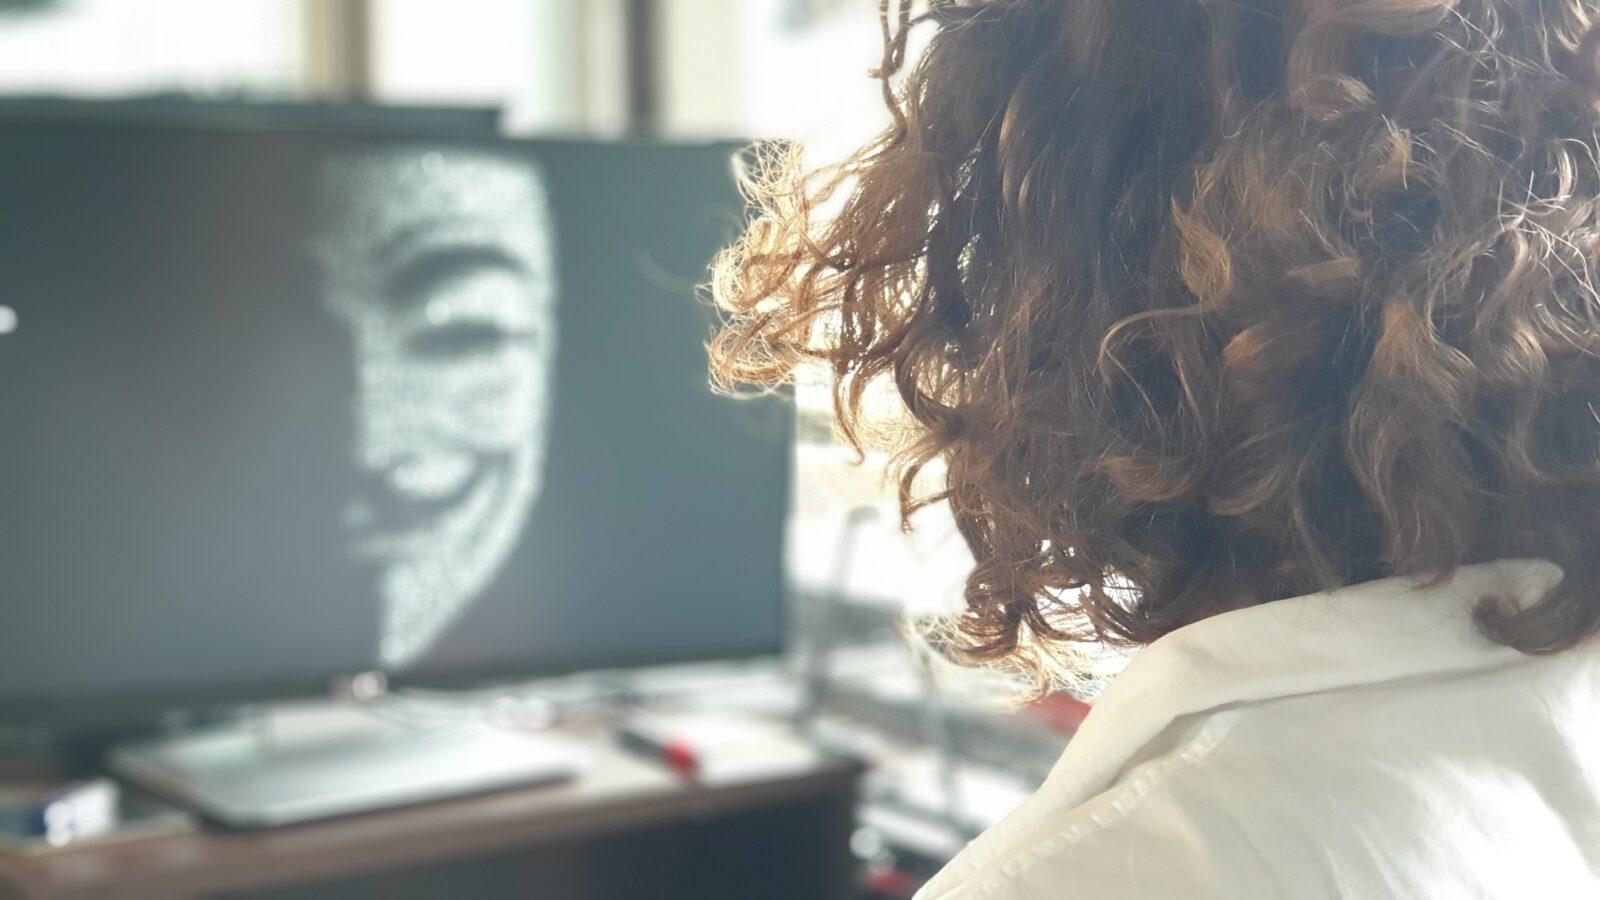 Fala ataków cyberprzestępców w pandemii przybiera na sile. W 2020 roku tylko w USA straty sięgnęły 4,1 mld dol.